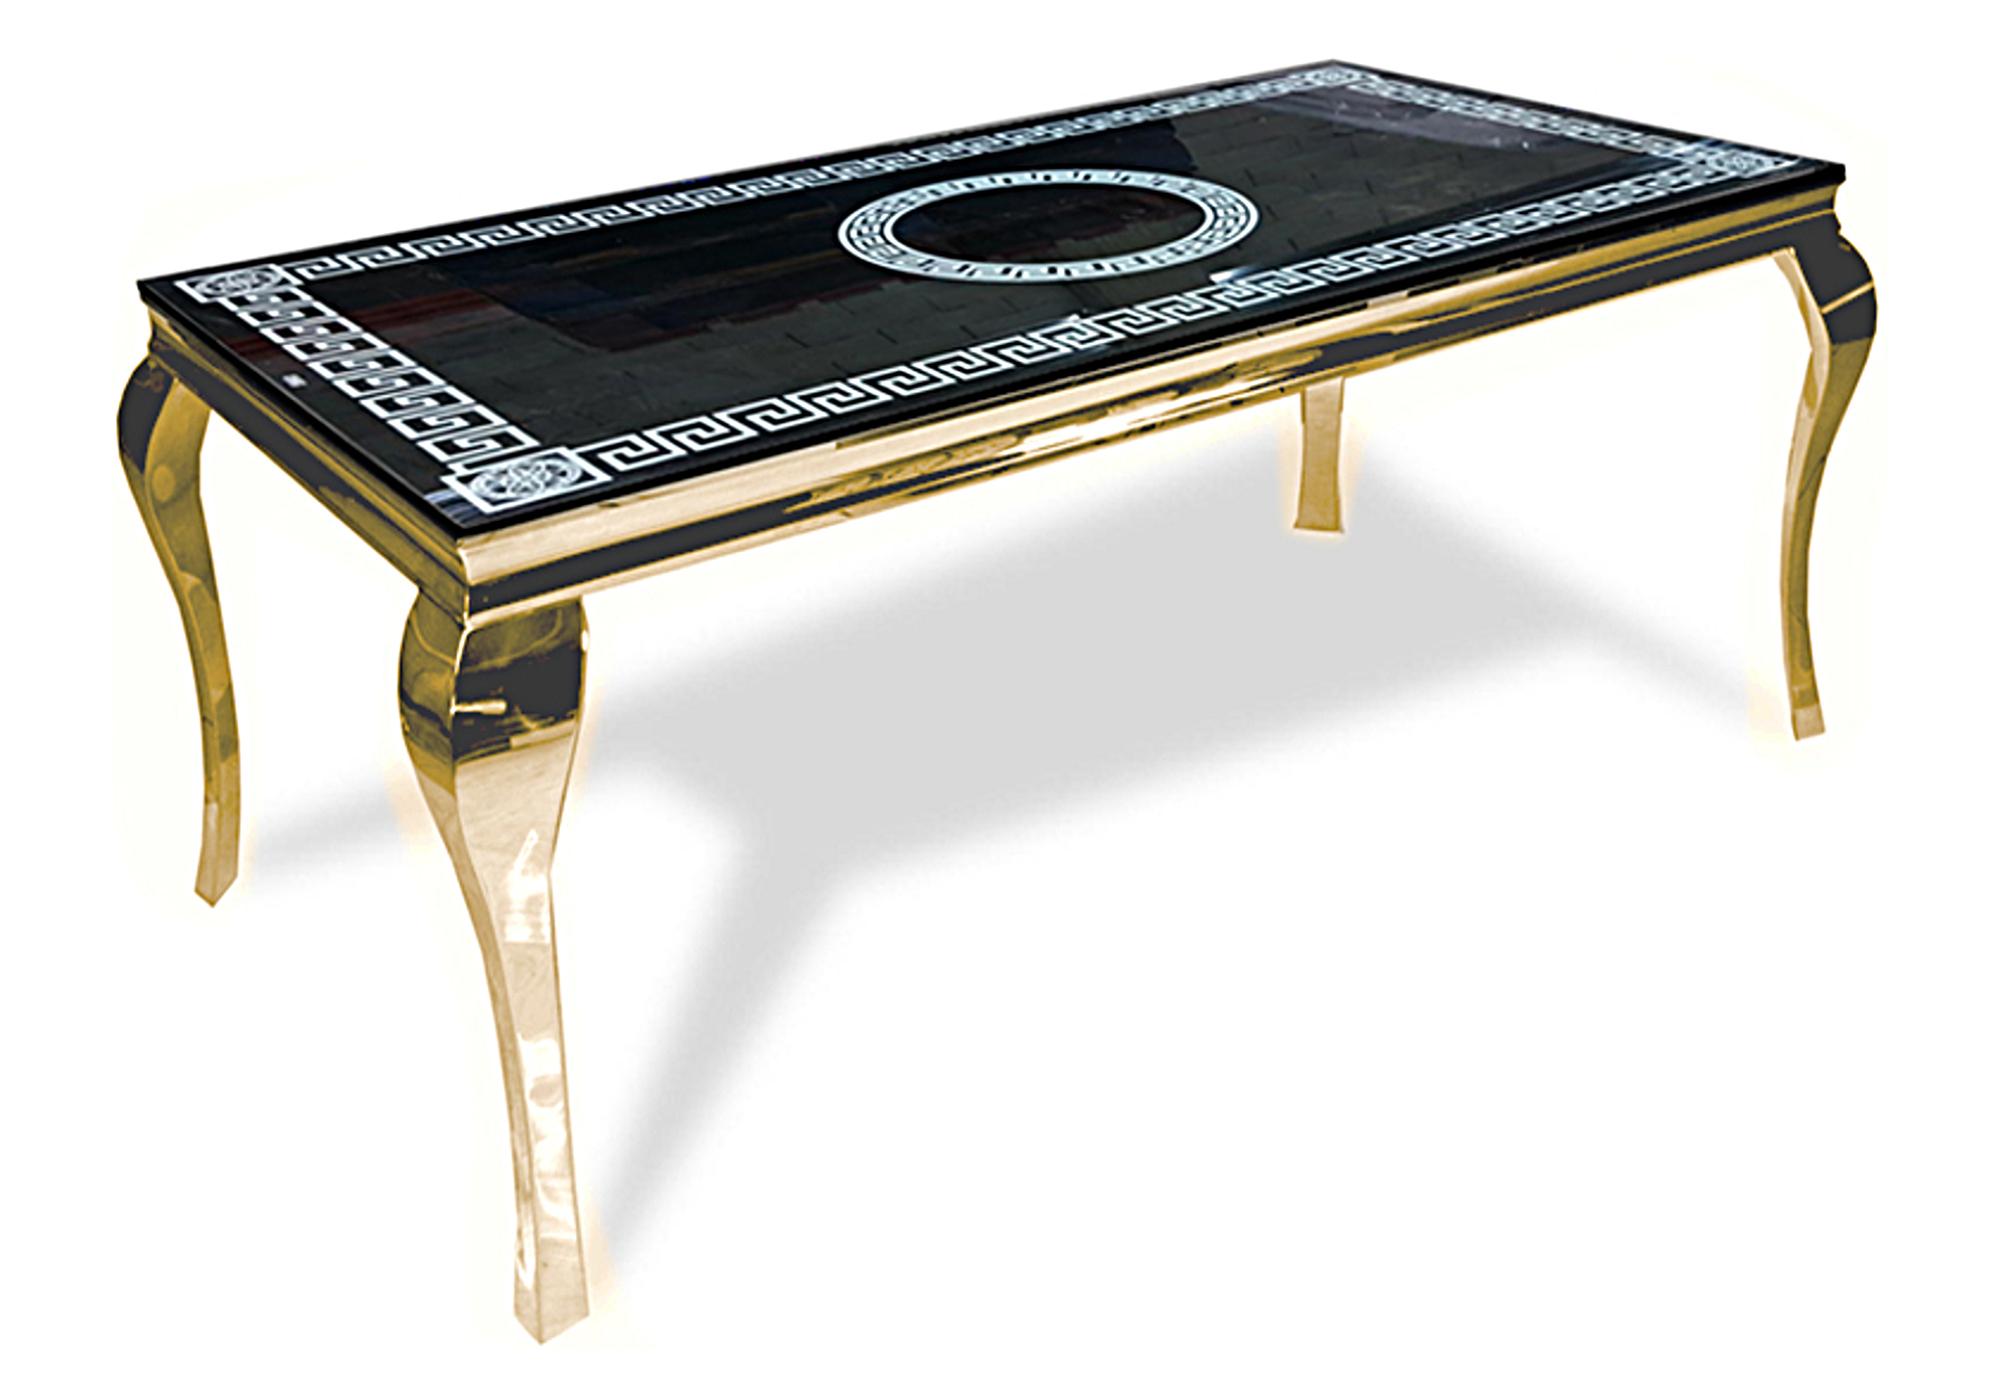 Table repas doré versace NEO